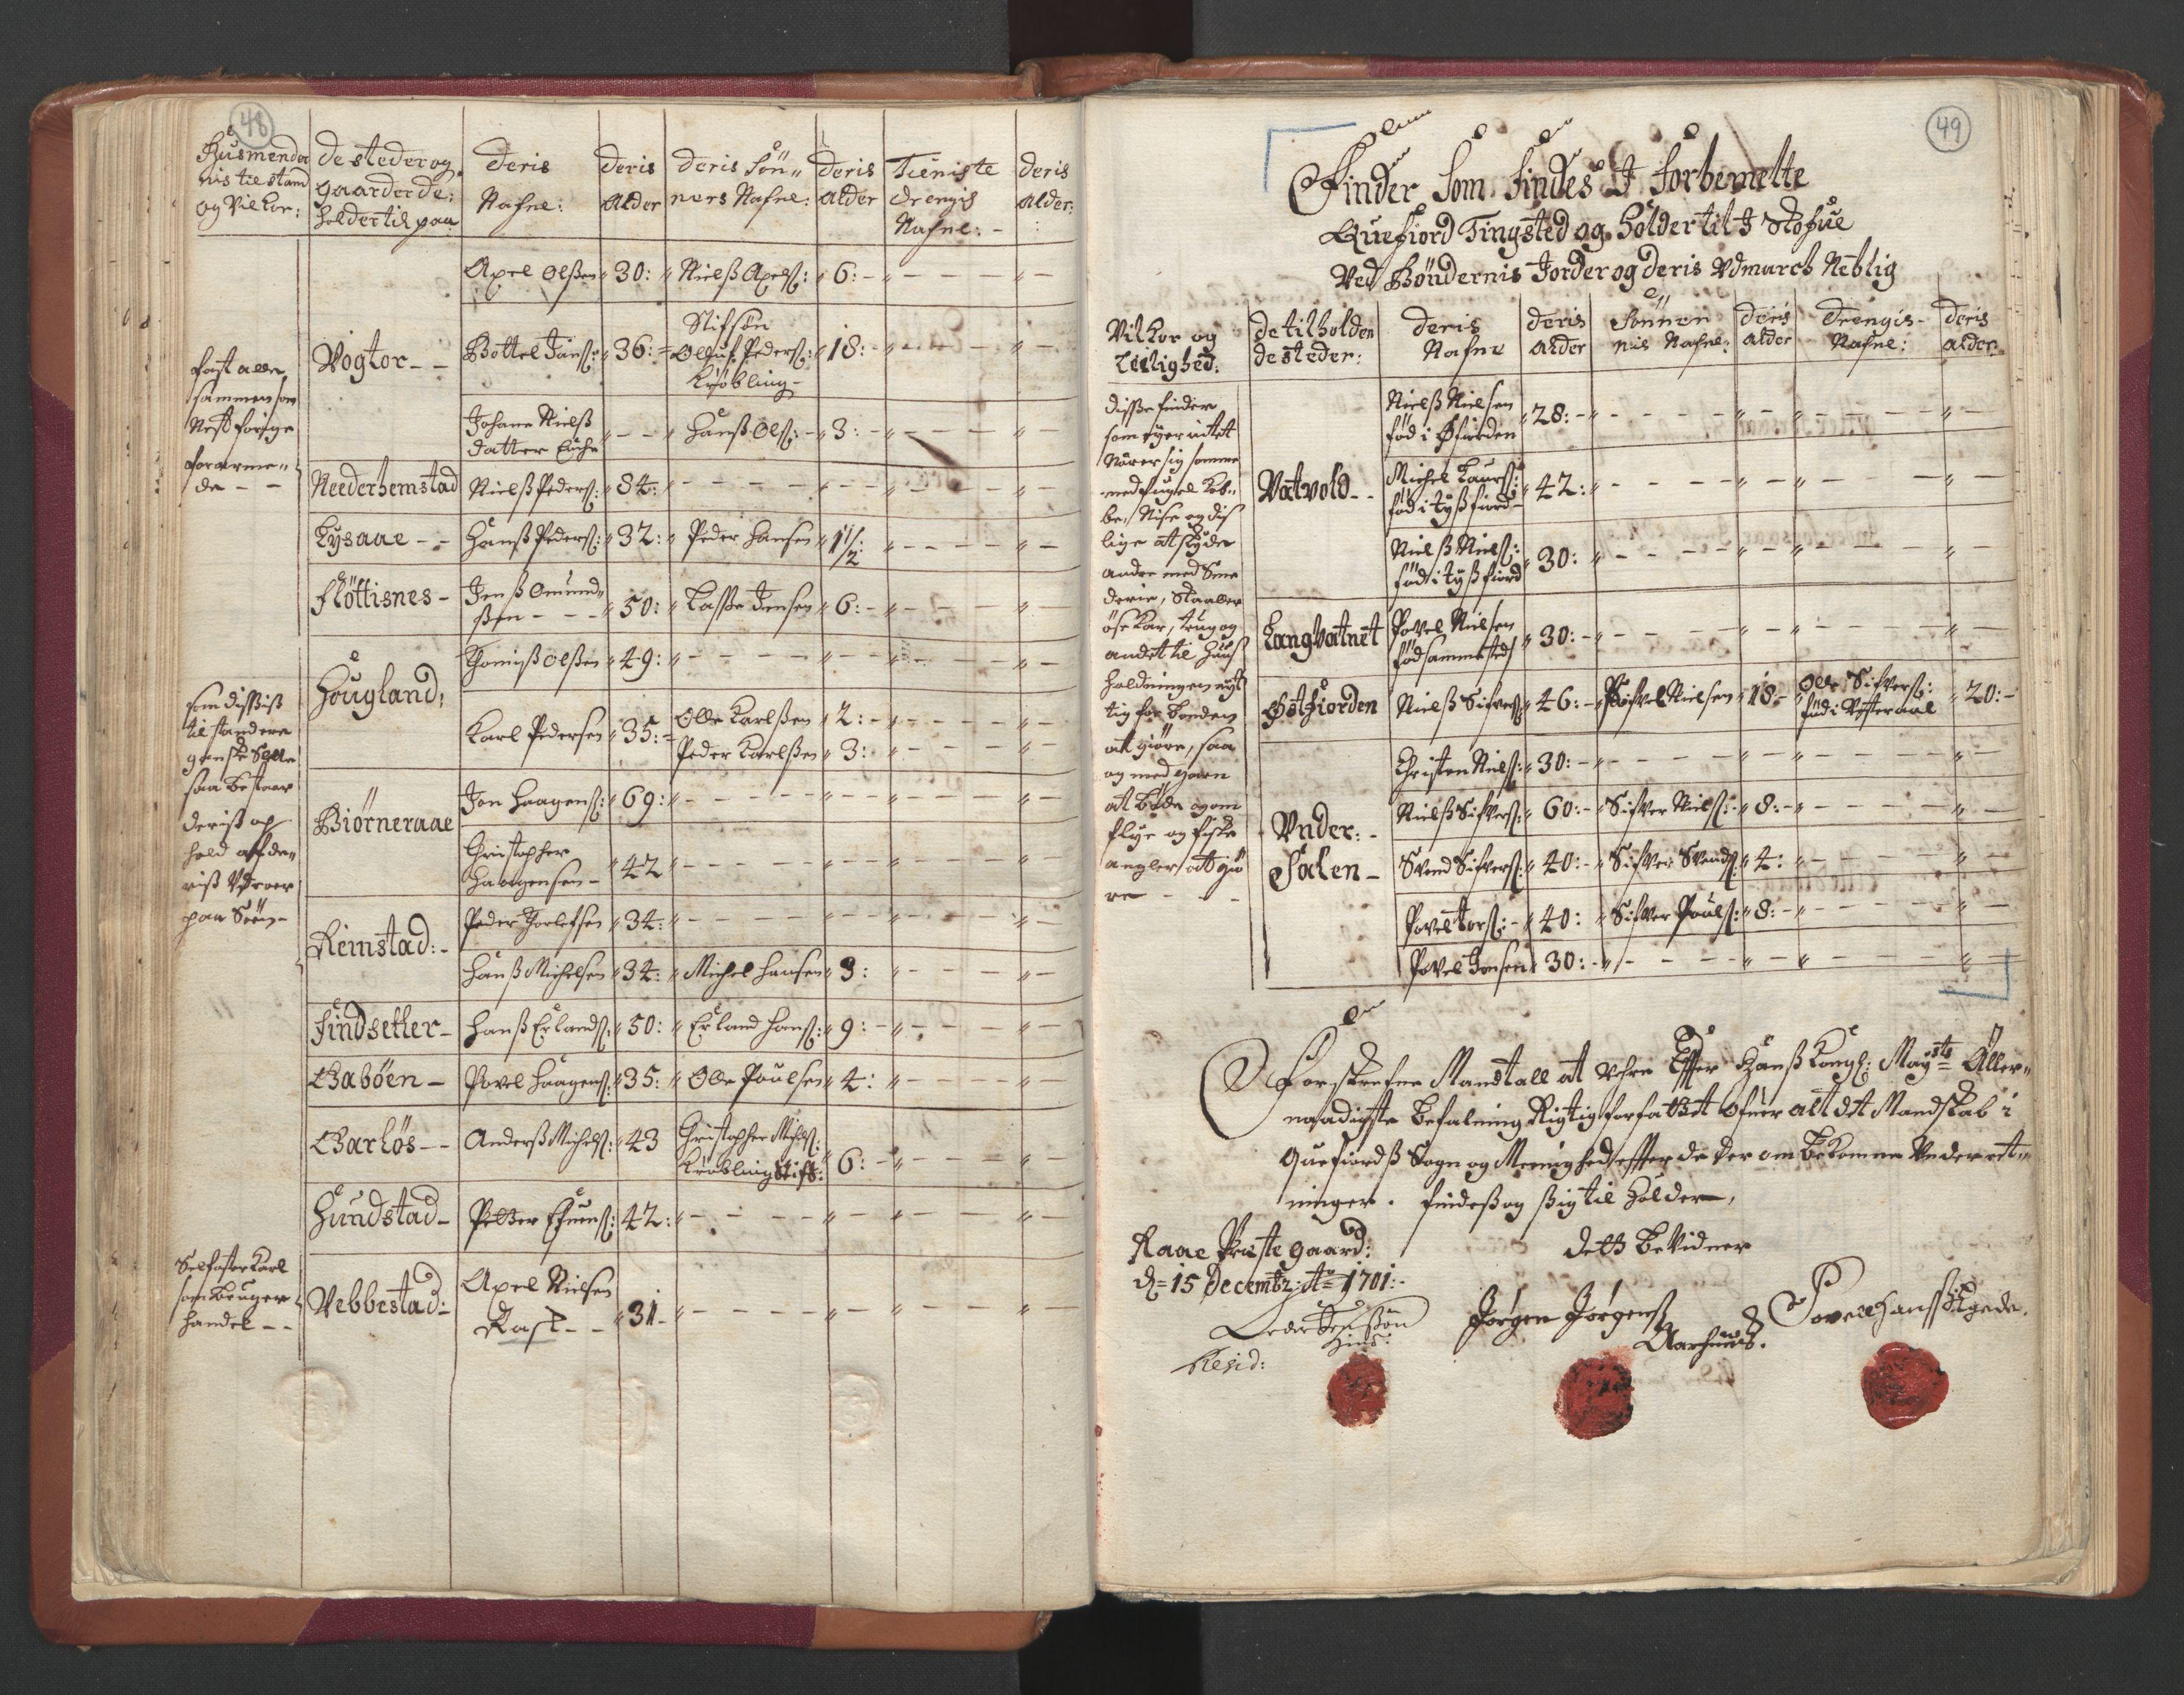 RA, Manntallet 1701, nr. 19: Senja og Tromsø fogderi, 1701, s. 48-49